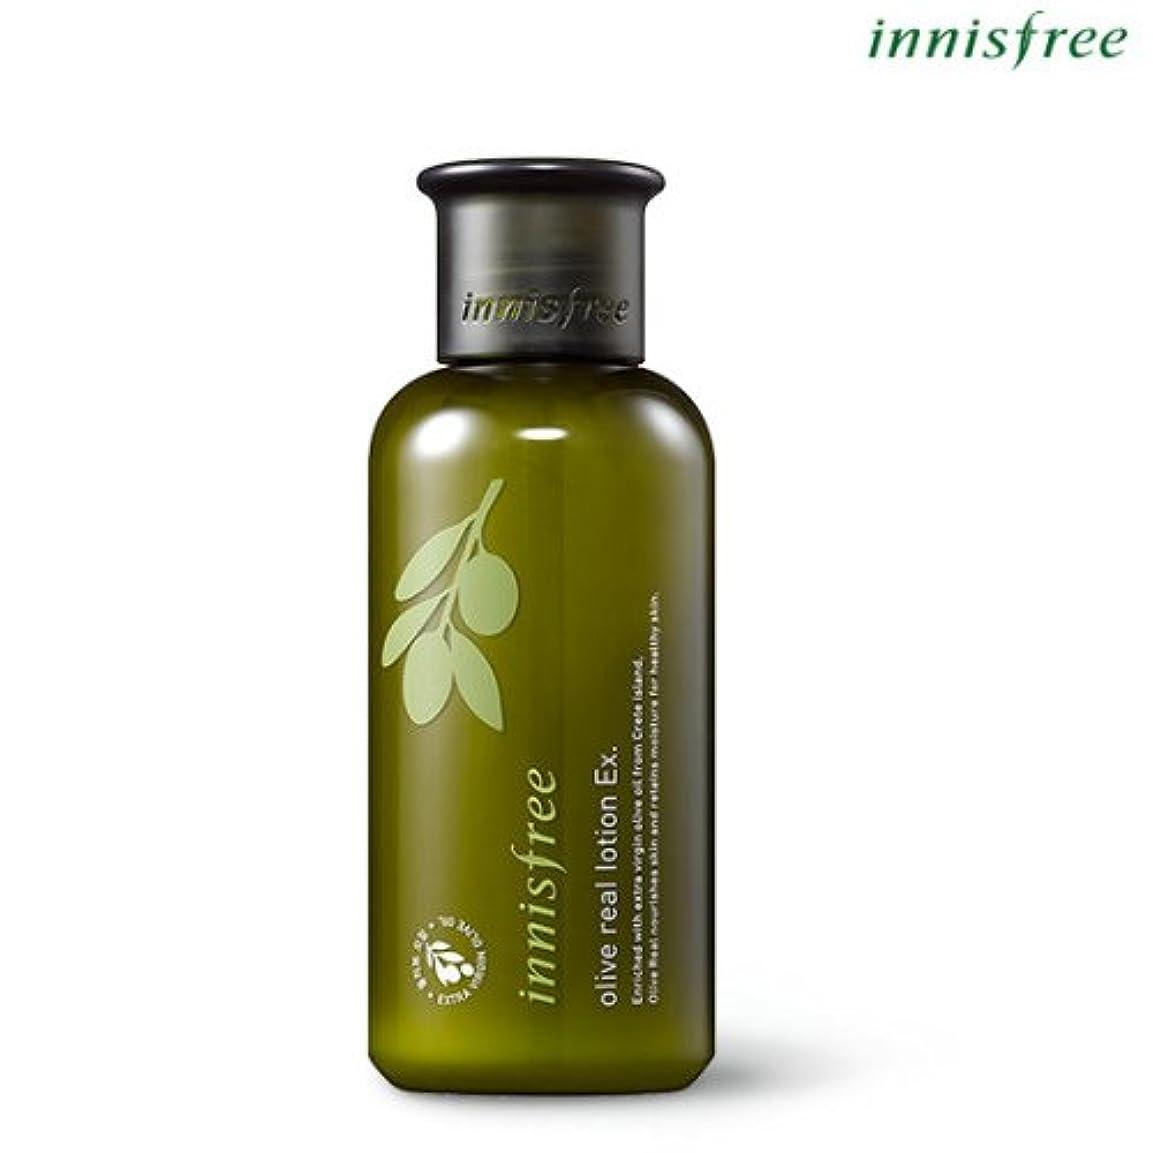 腫瘍小切手コールド[INNISFREE]イニスフリーオリーブリアルローションEx.160ml olive real lotion Ex.160ml [並行輸入品]